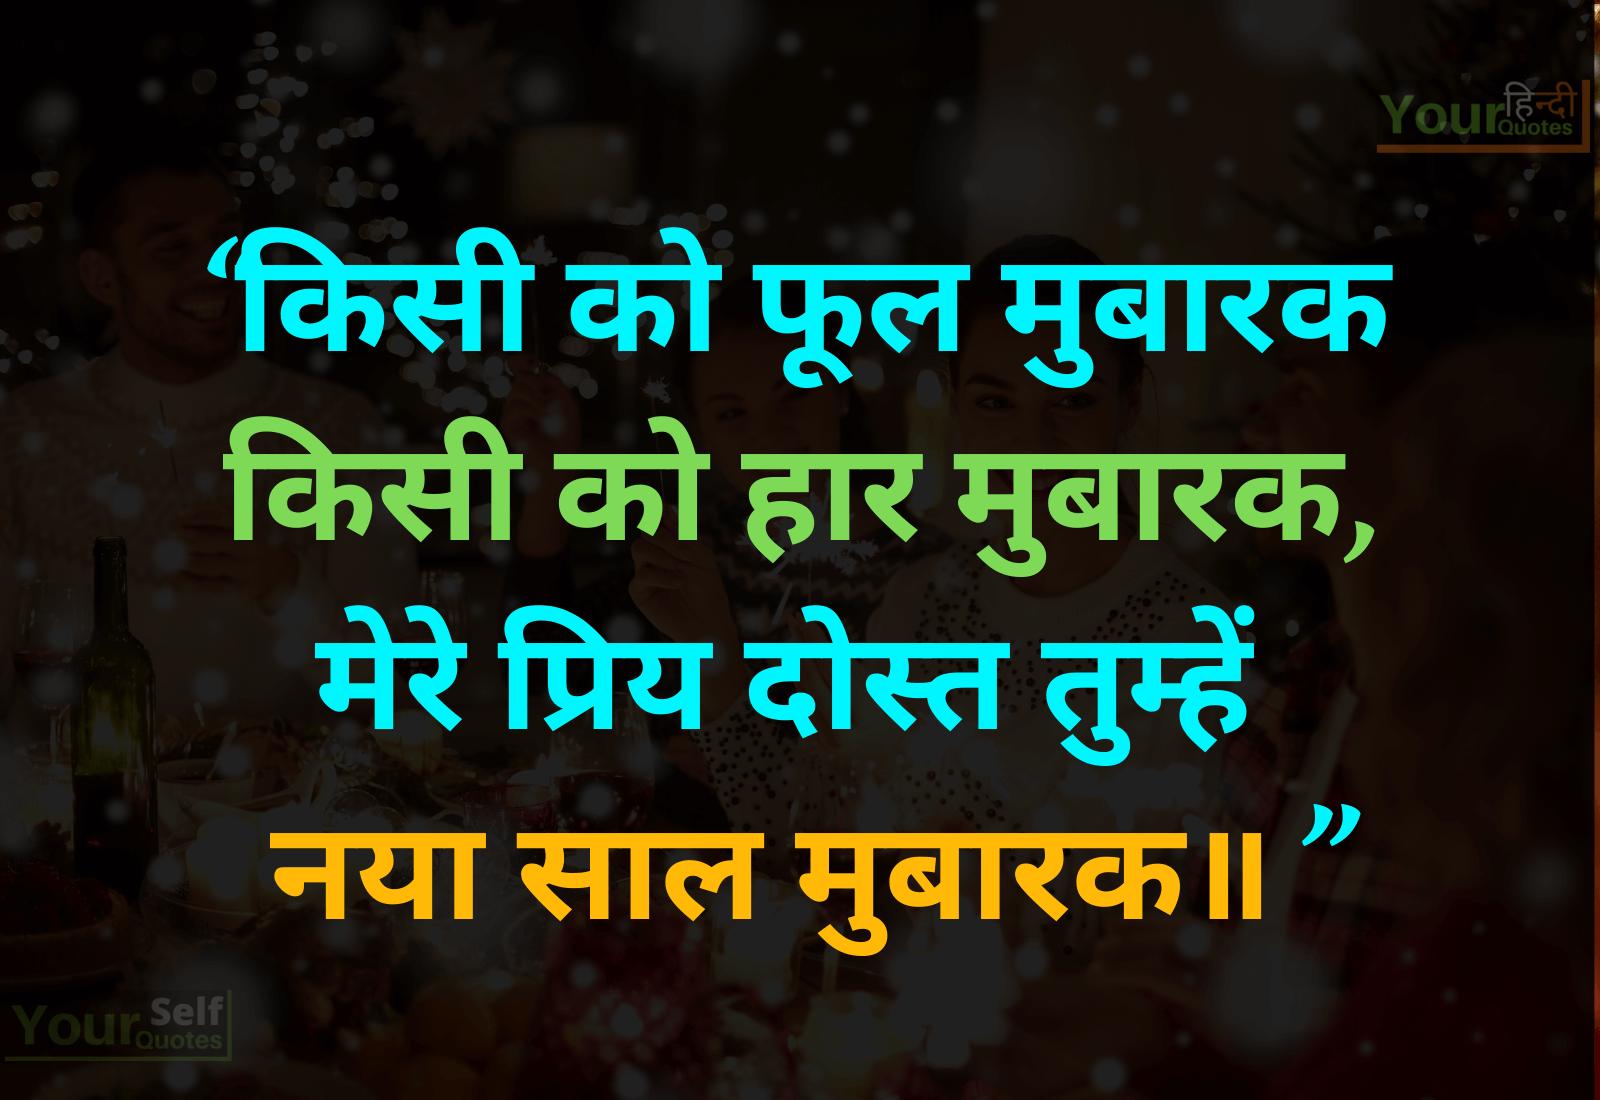 Hindi Shayari New Year Images